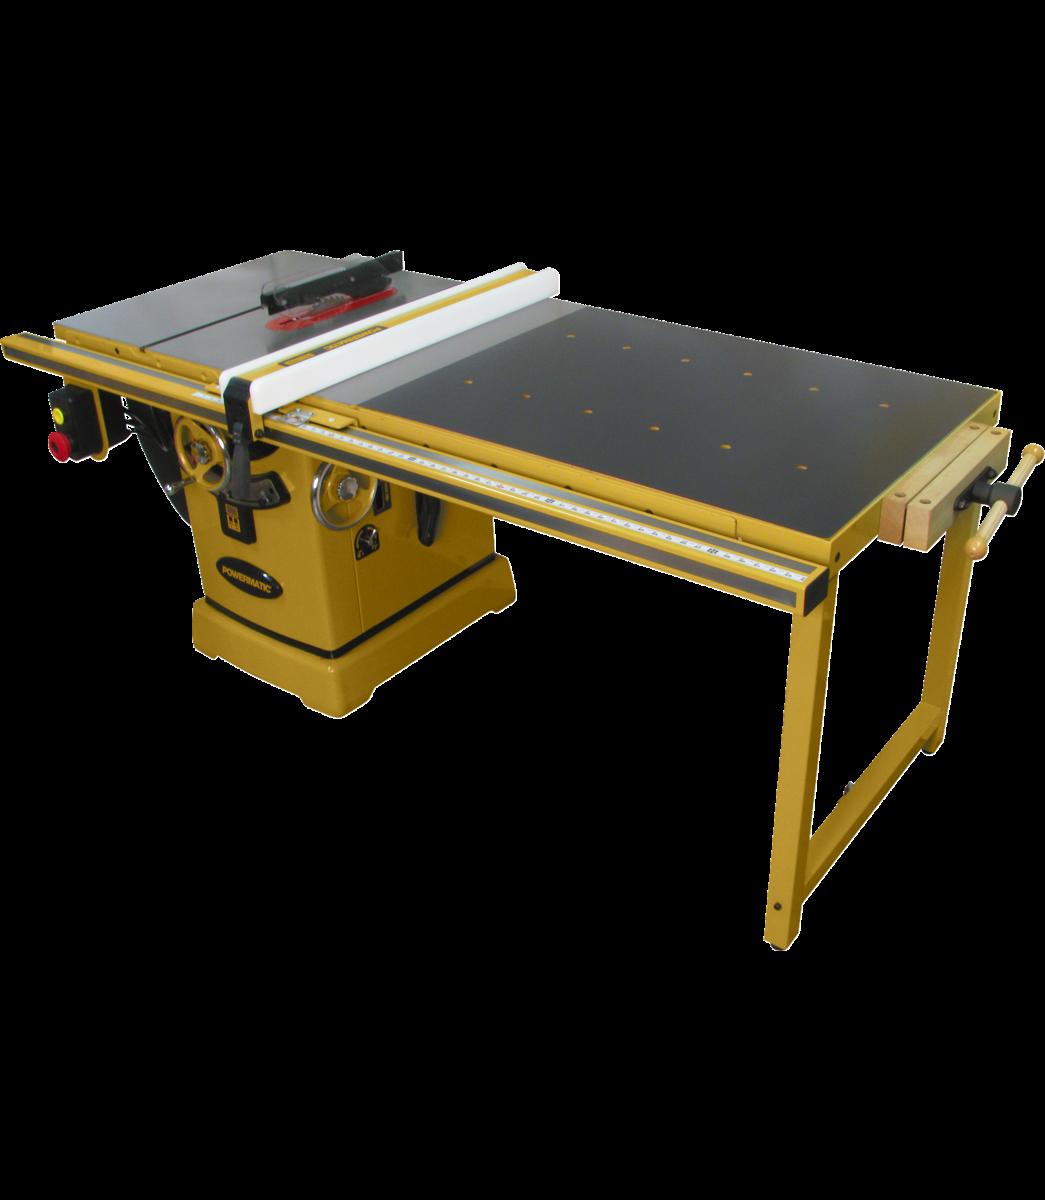 """2000B table saw - 3HP 1PH 230V 50"""" RIP w/Accu-Fence & Workbench"""